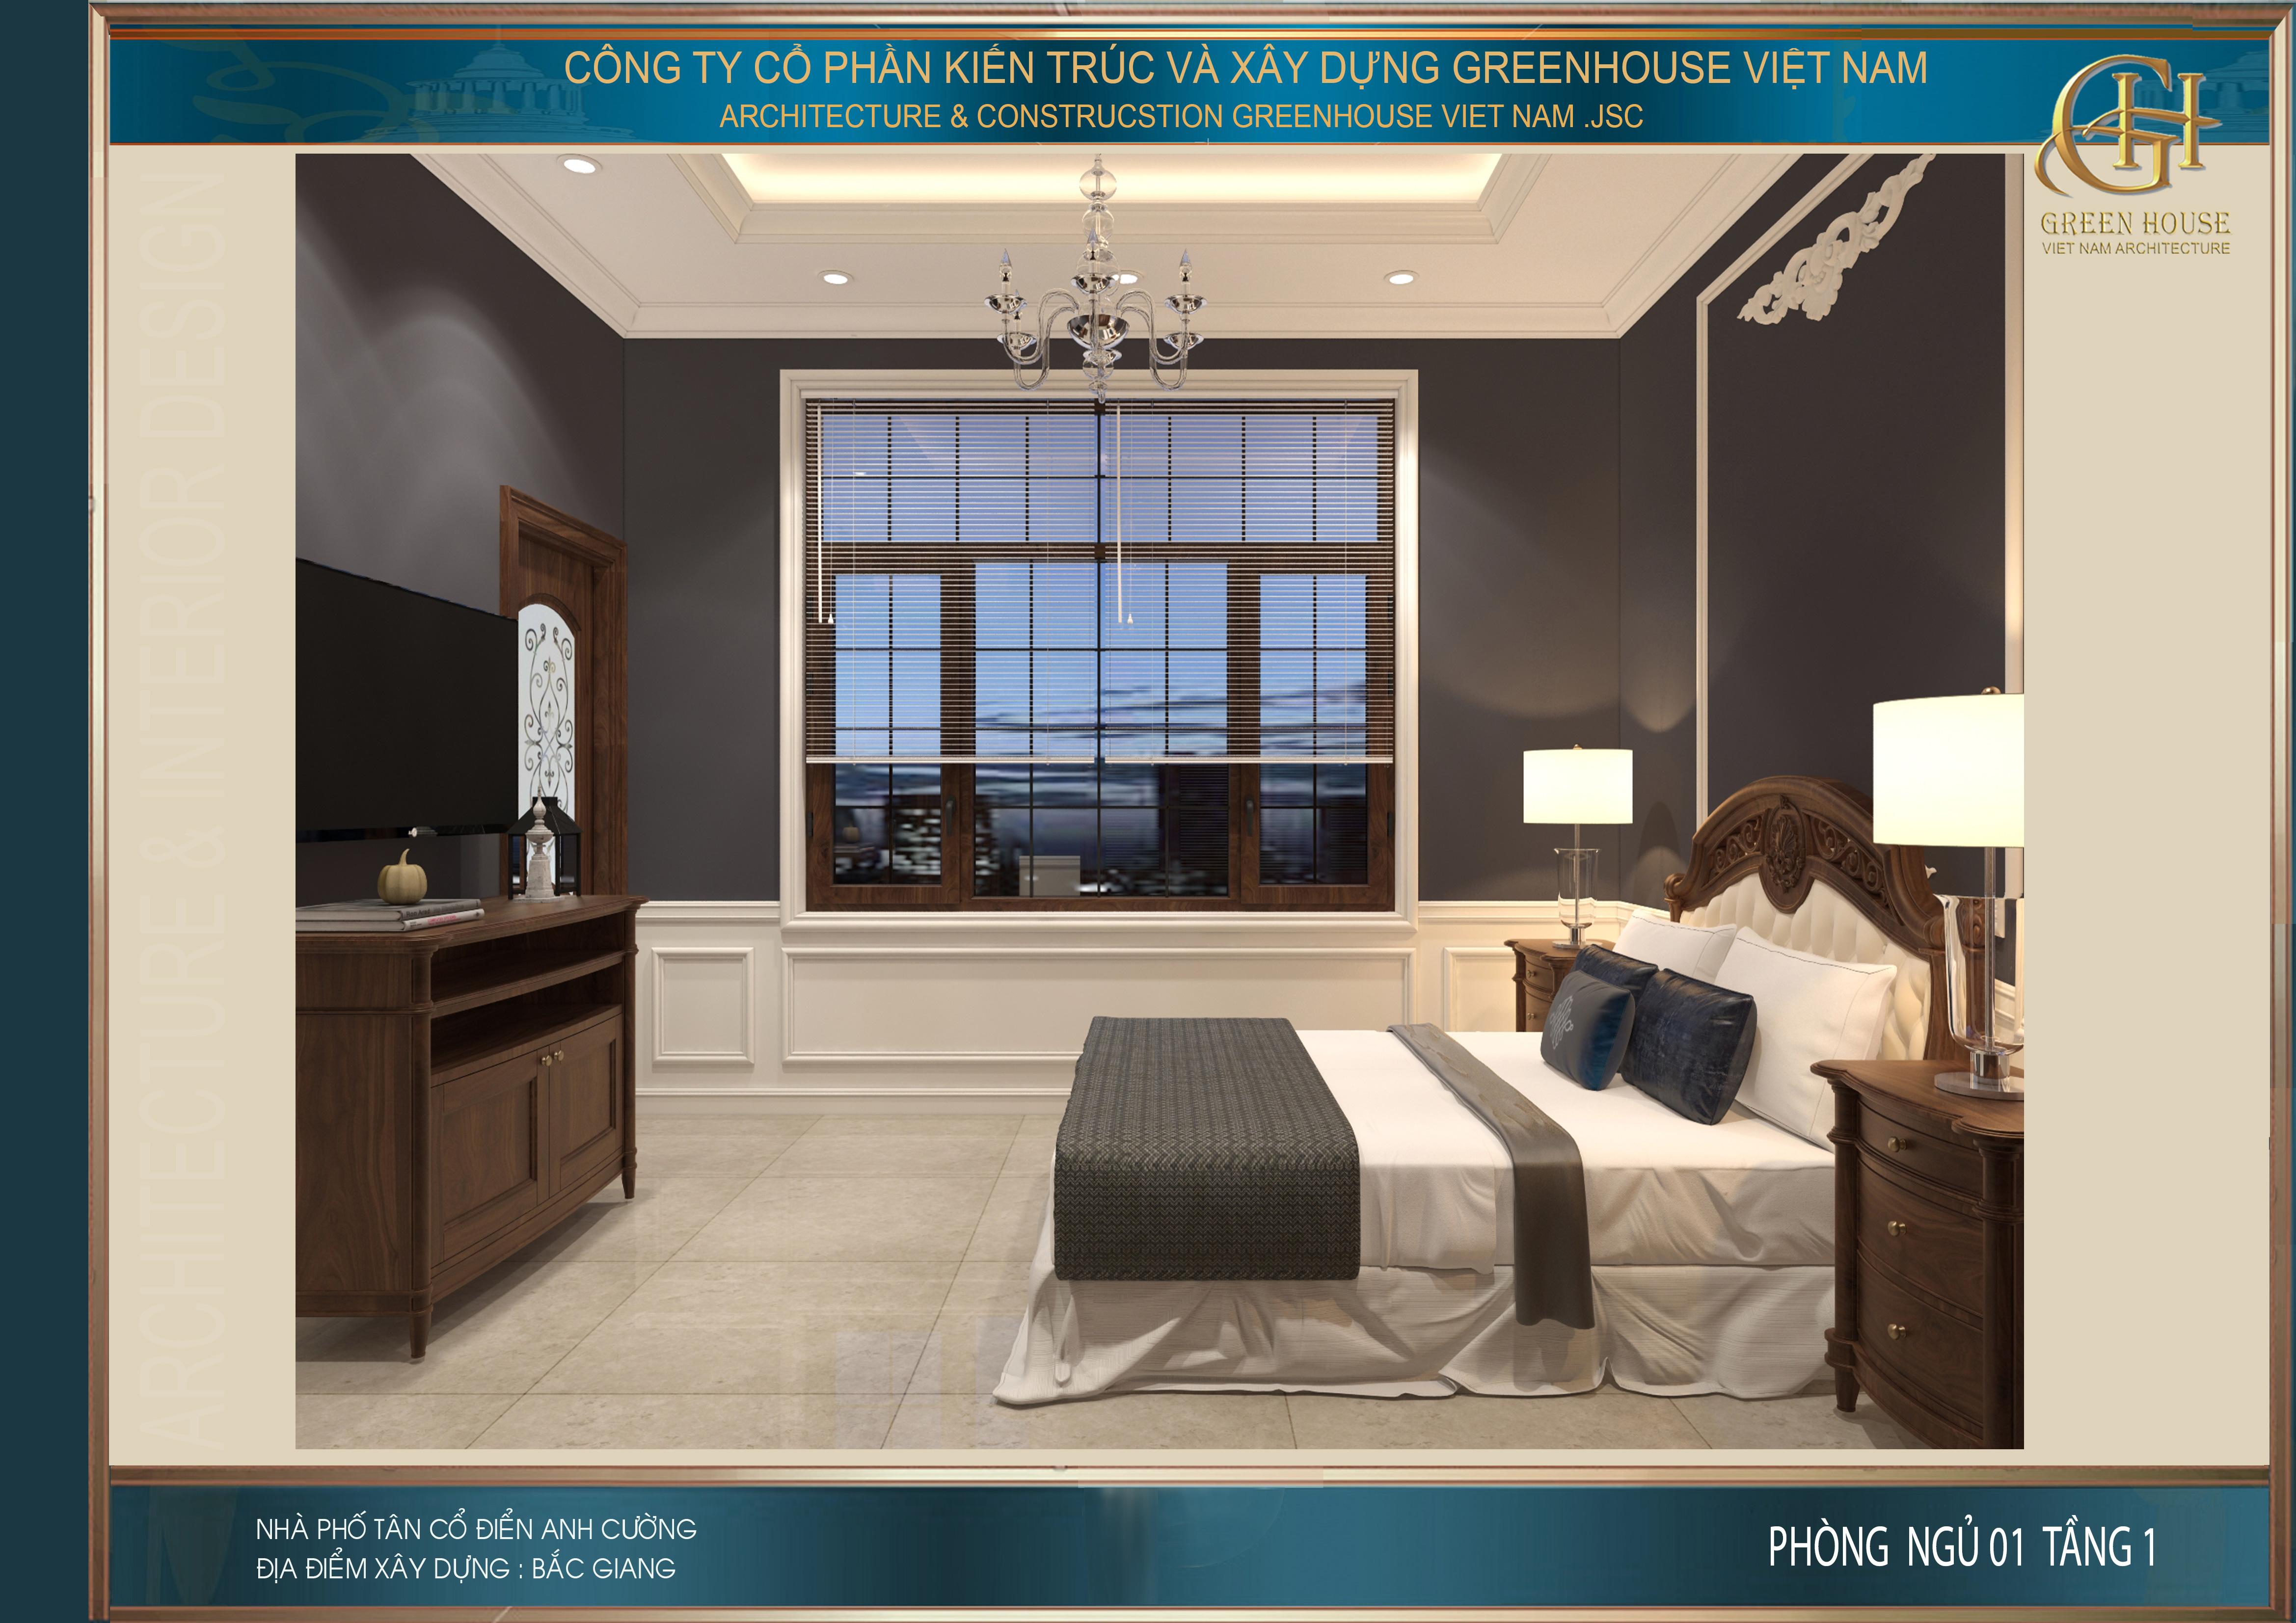 Hệ thống nội thất đồng bộ với không gian phòng khách